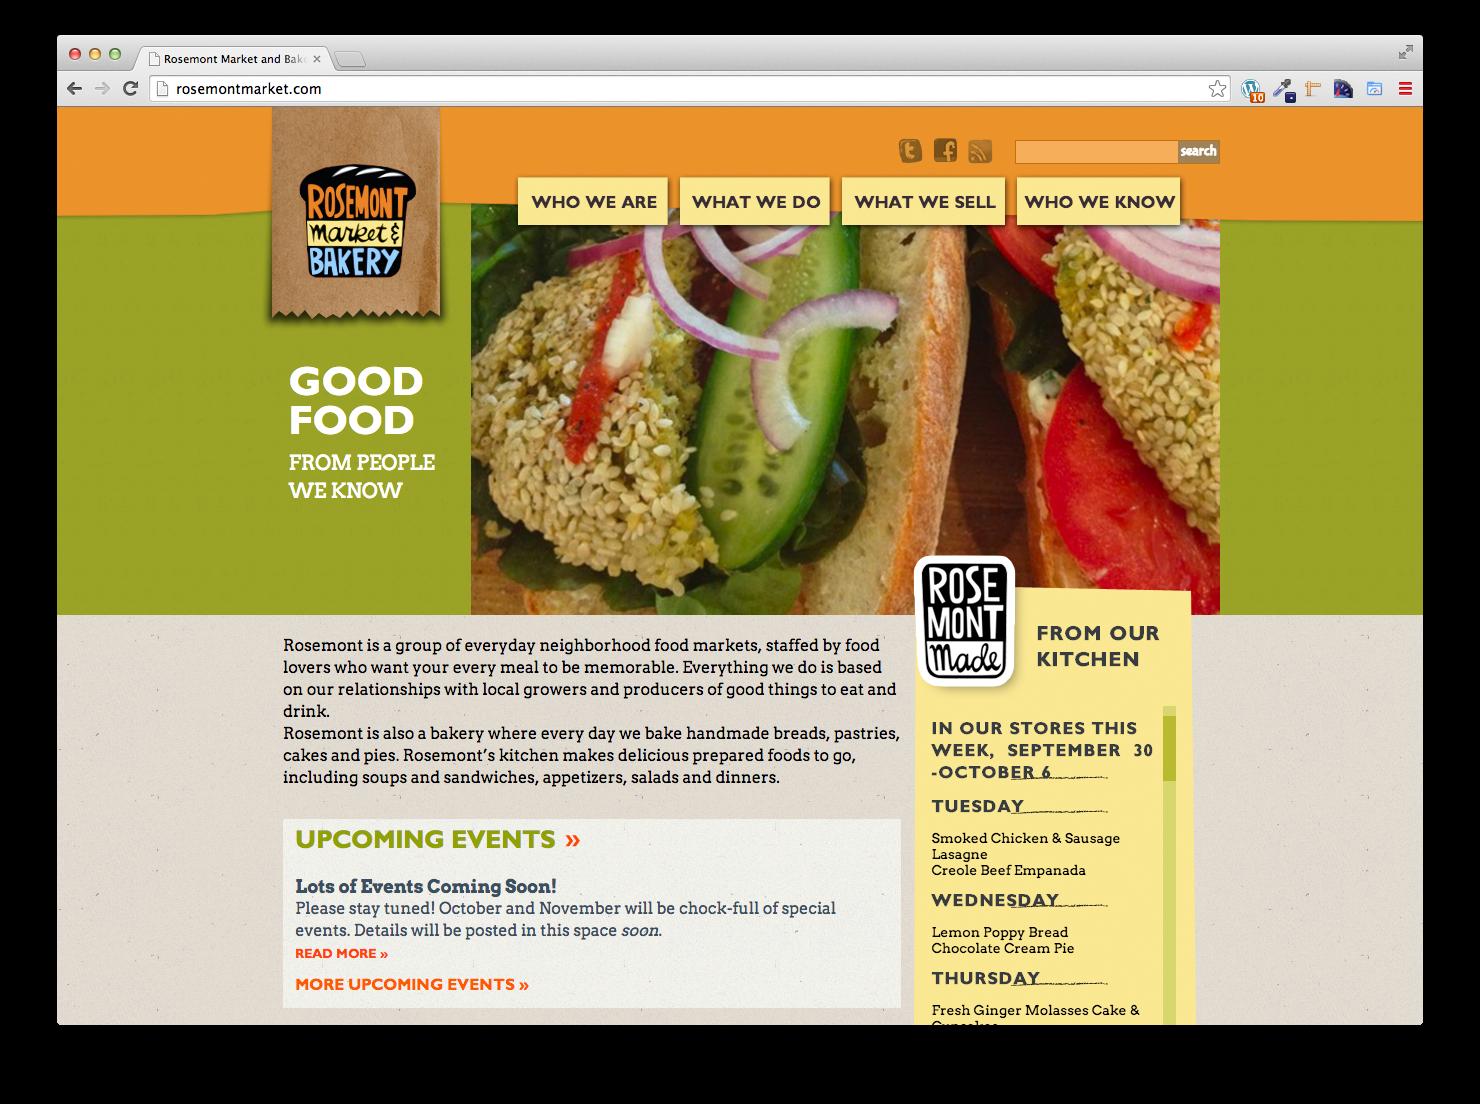 Rosemont Market, Website